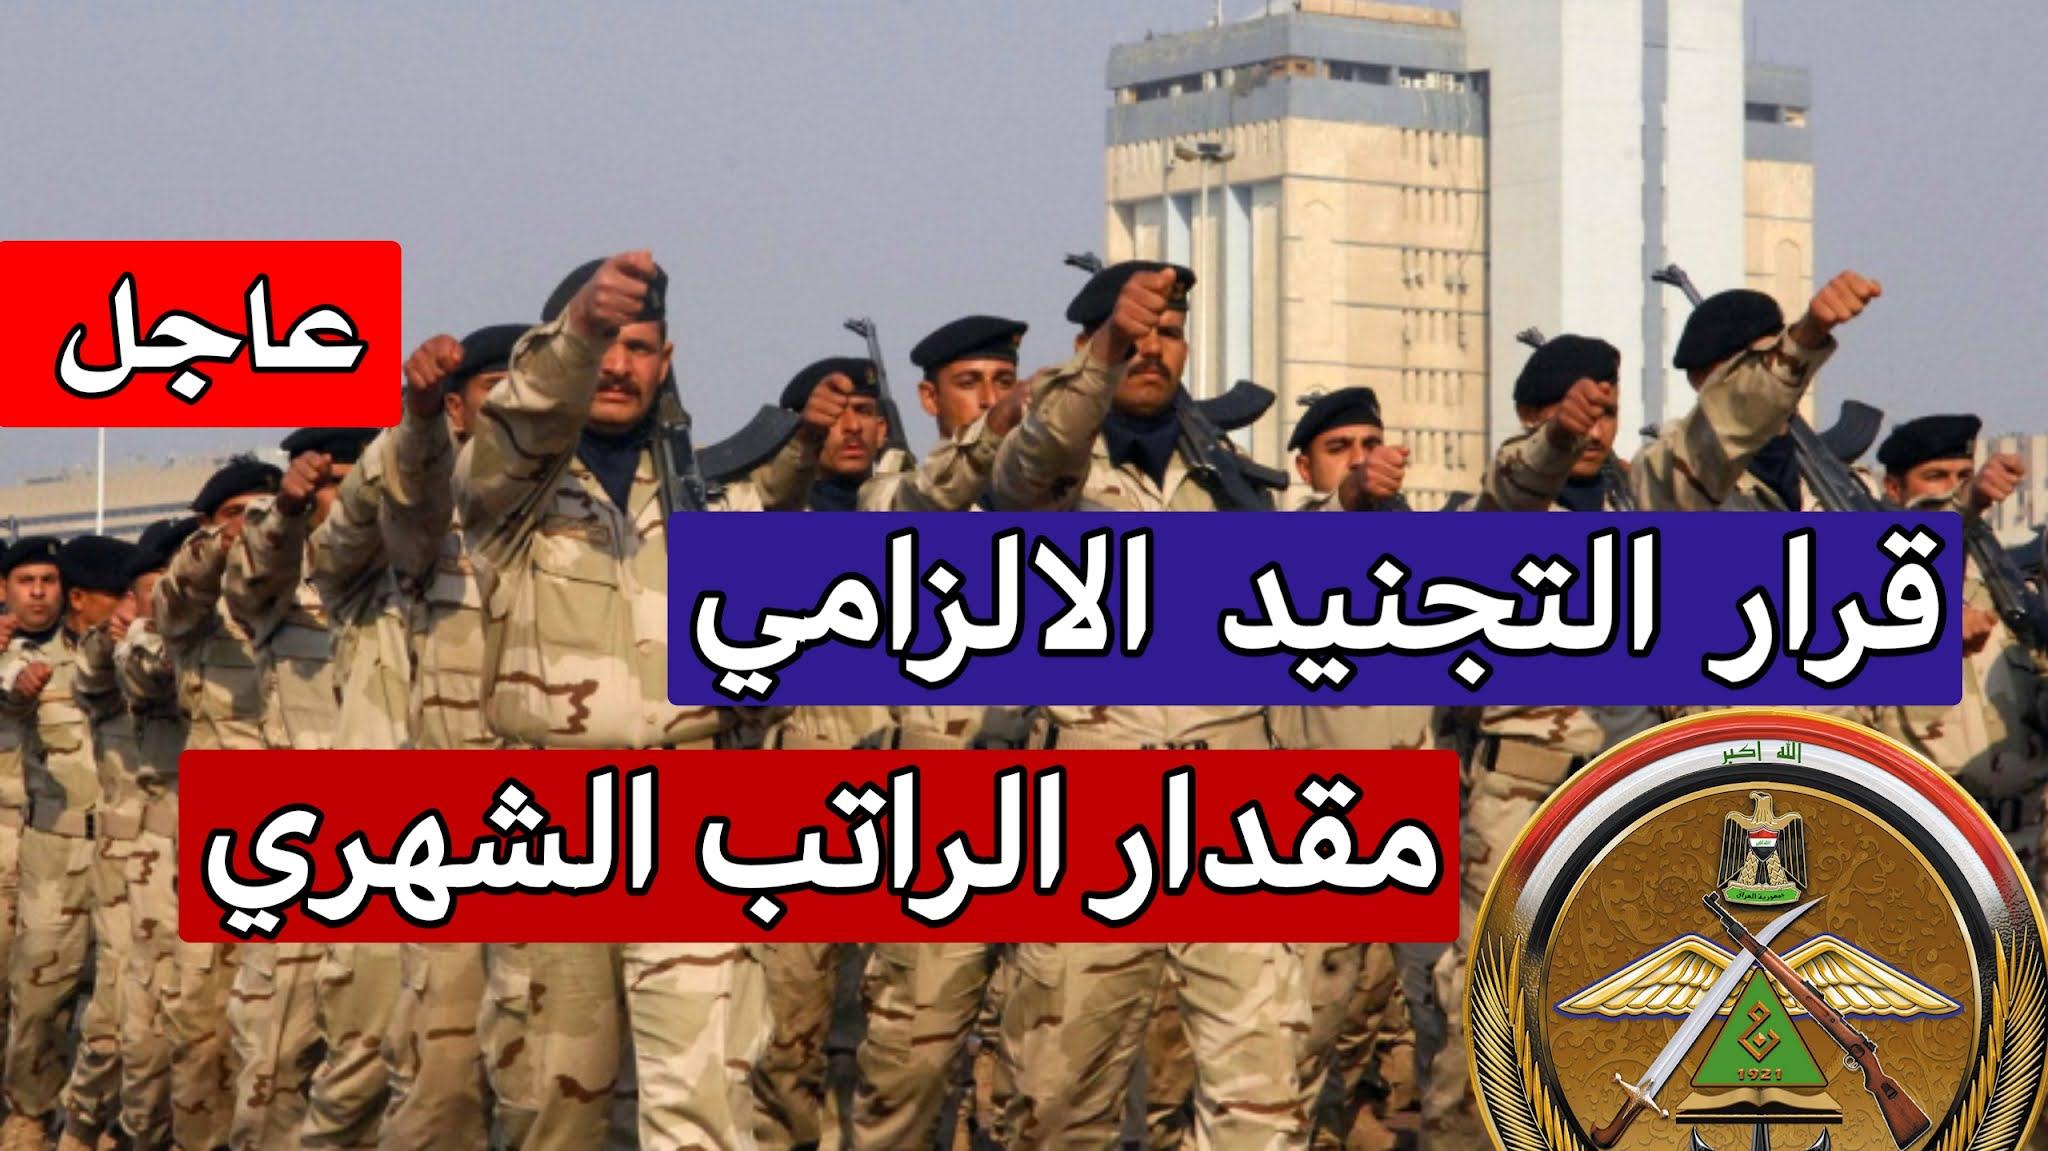 وزارة الدفاع تحدد الراتب الشهري للمشمولين بالتجنيد الالزامي